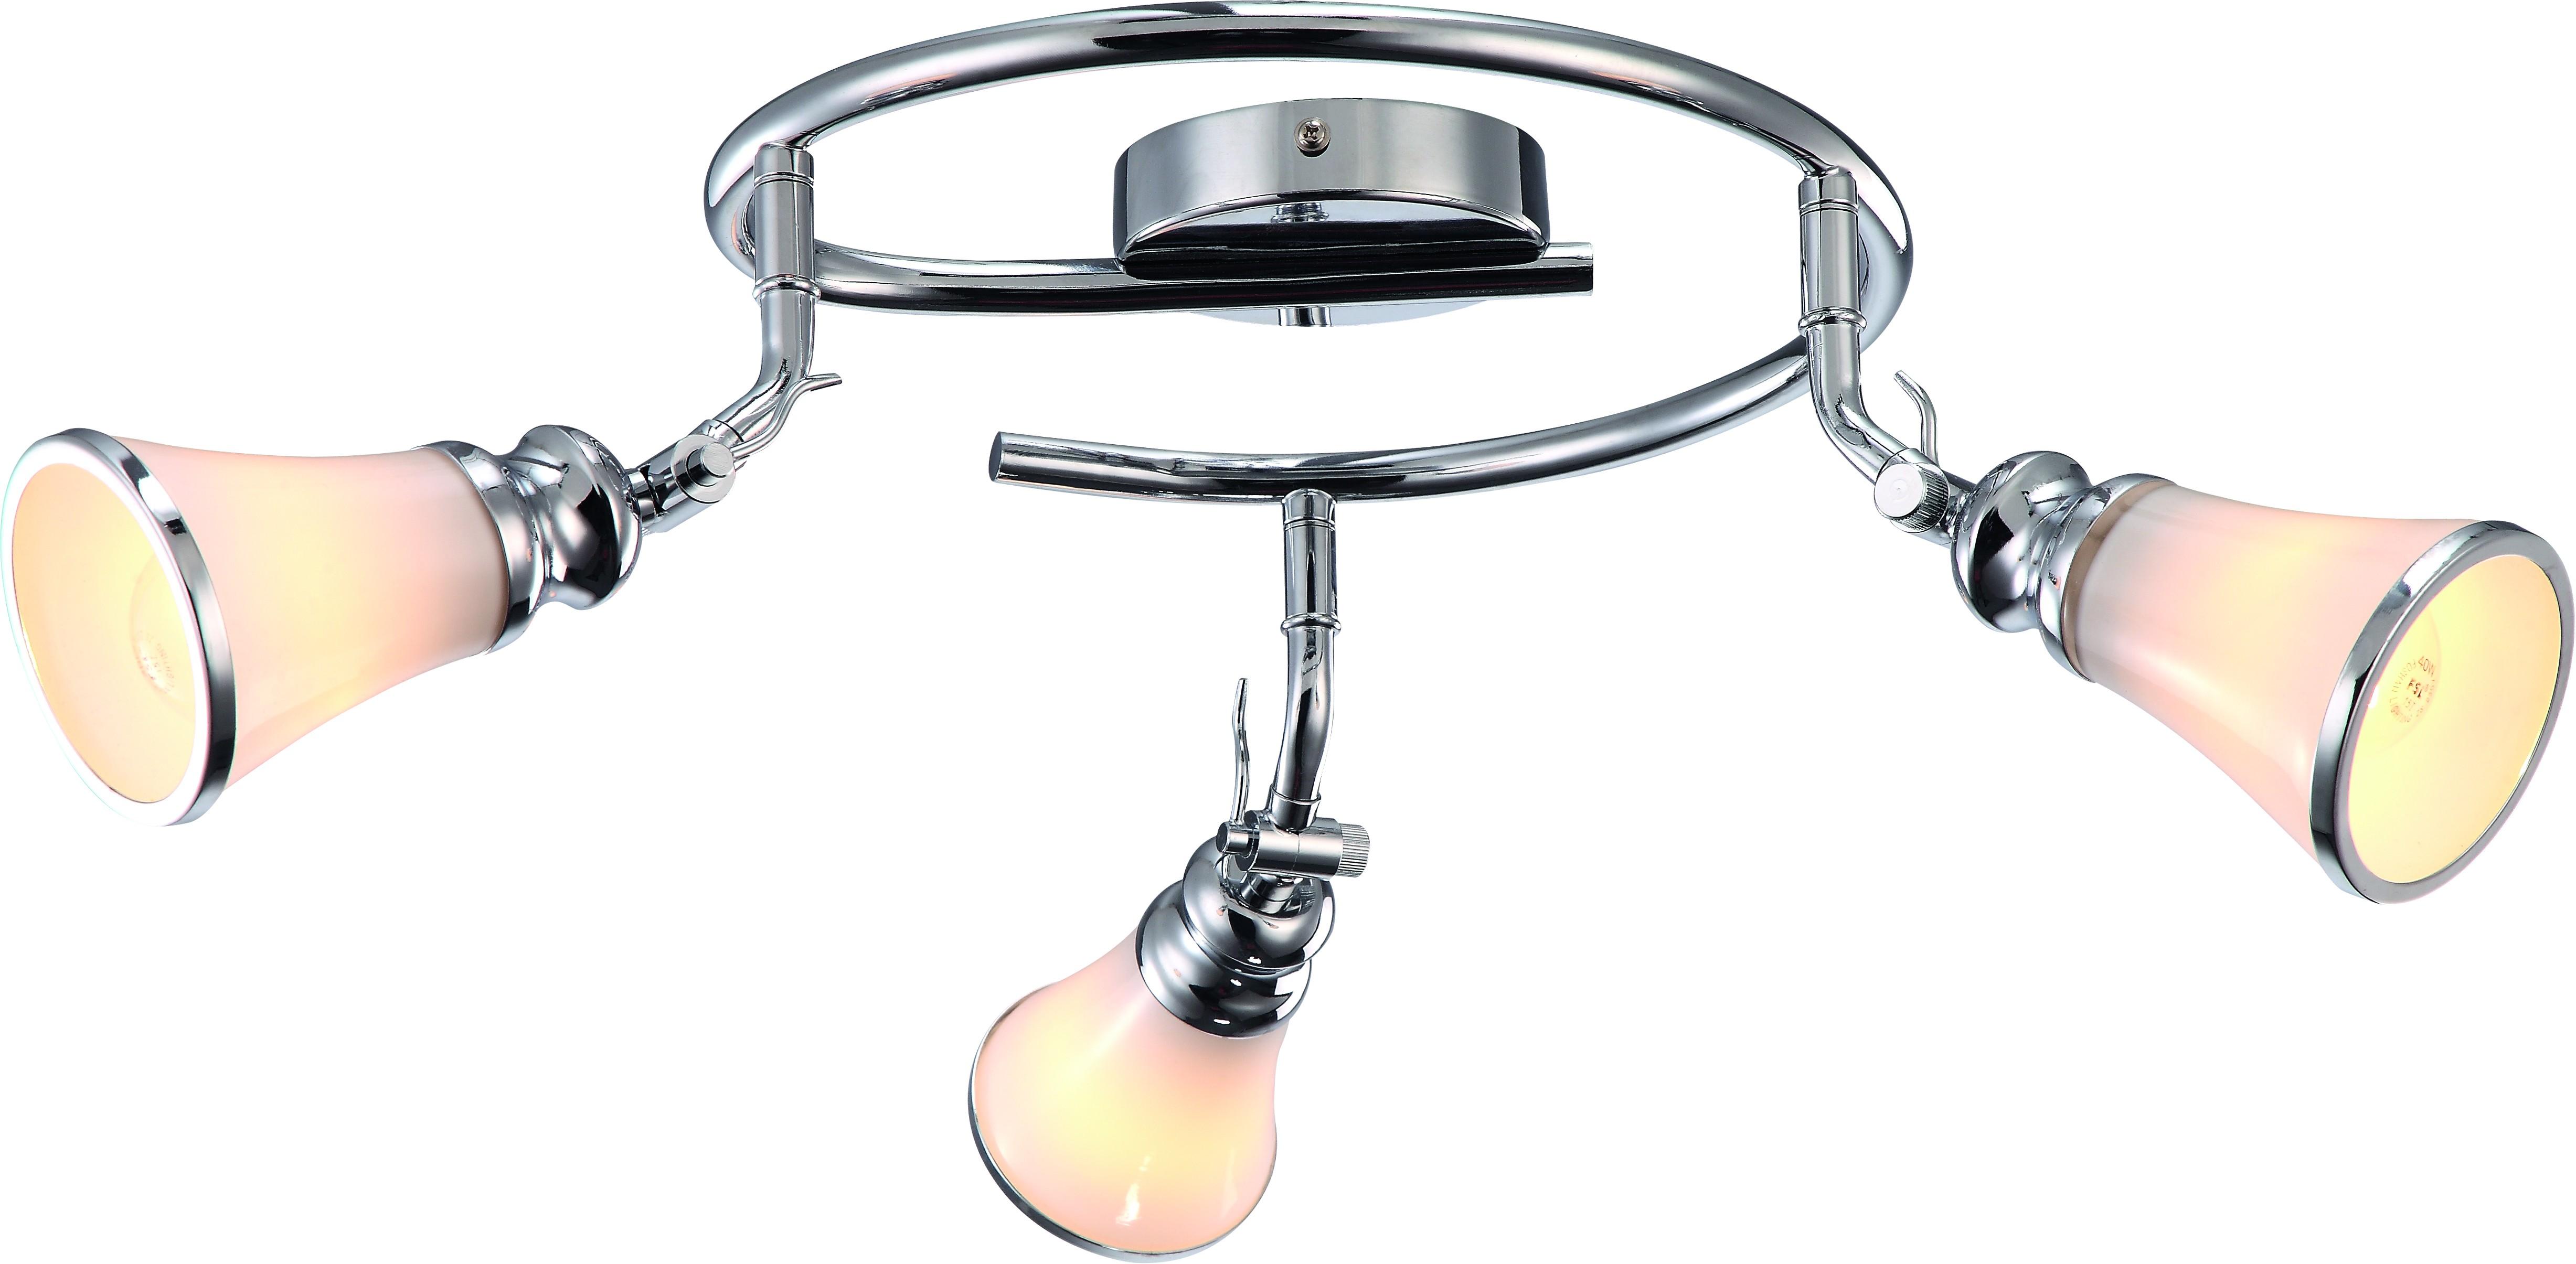 Спот Arte lamp A9231pl-3cc спот arte lamp ciambella a8972pl 3cc